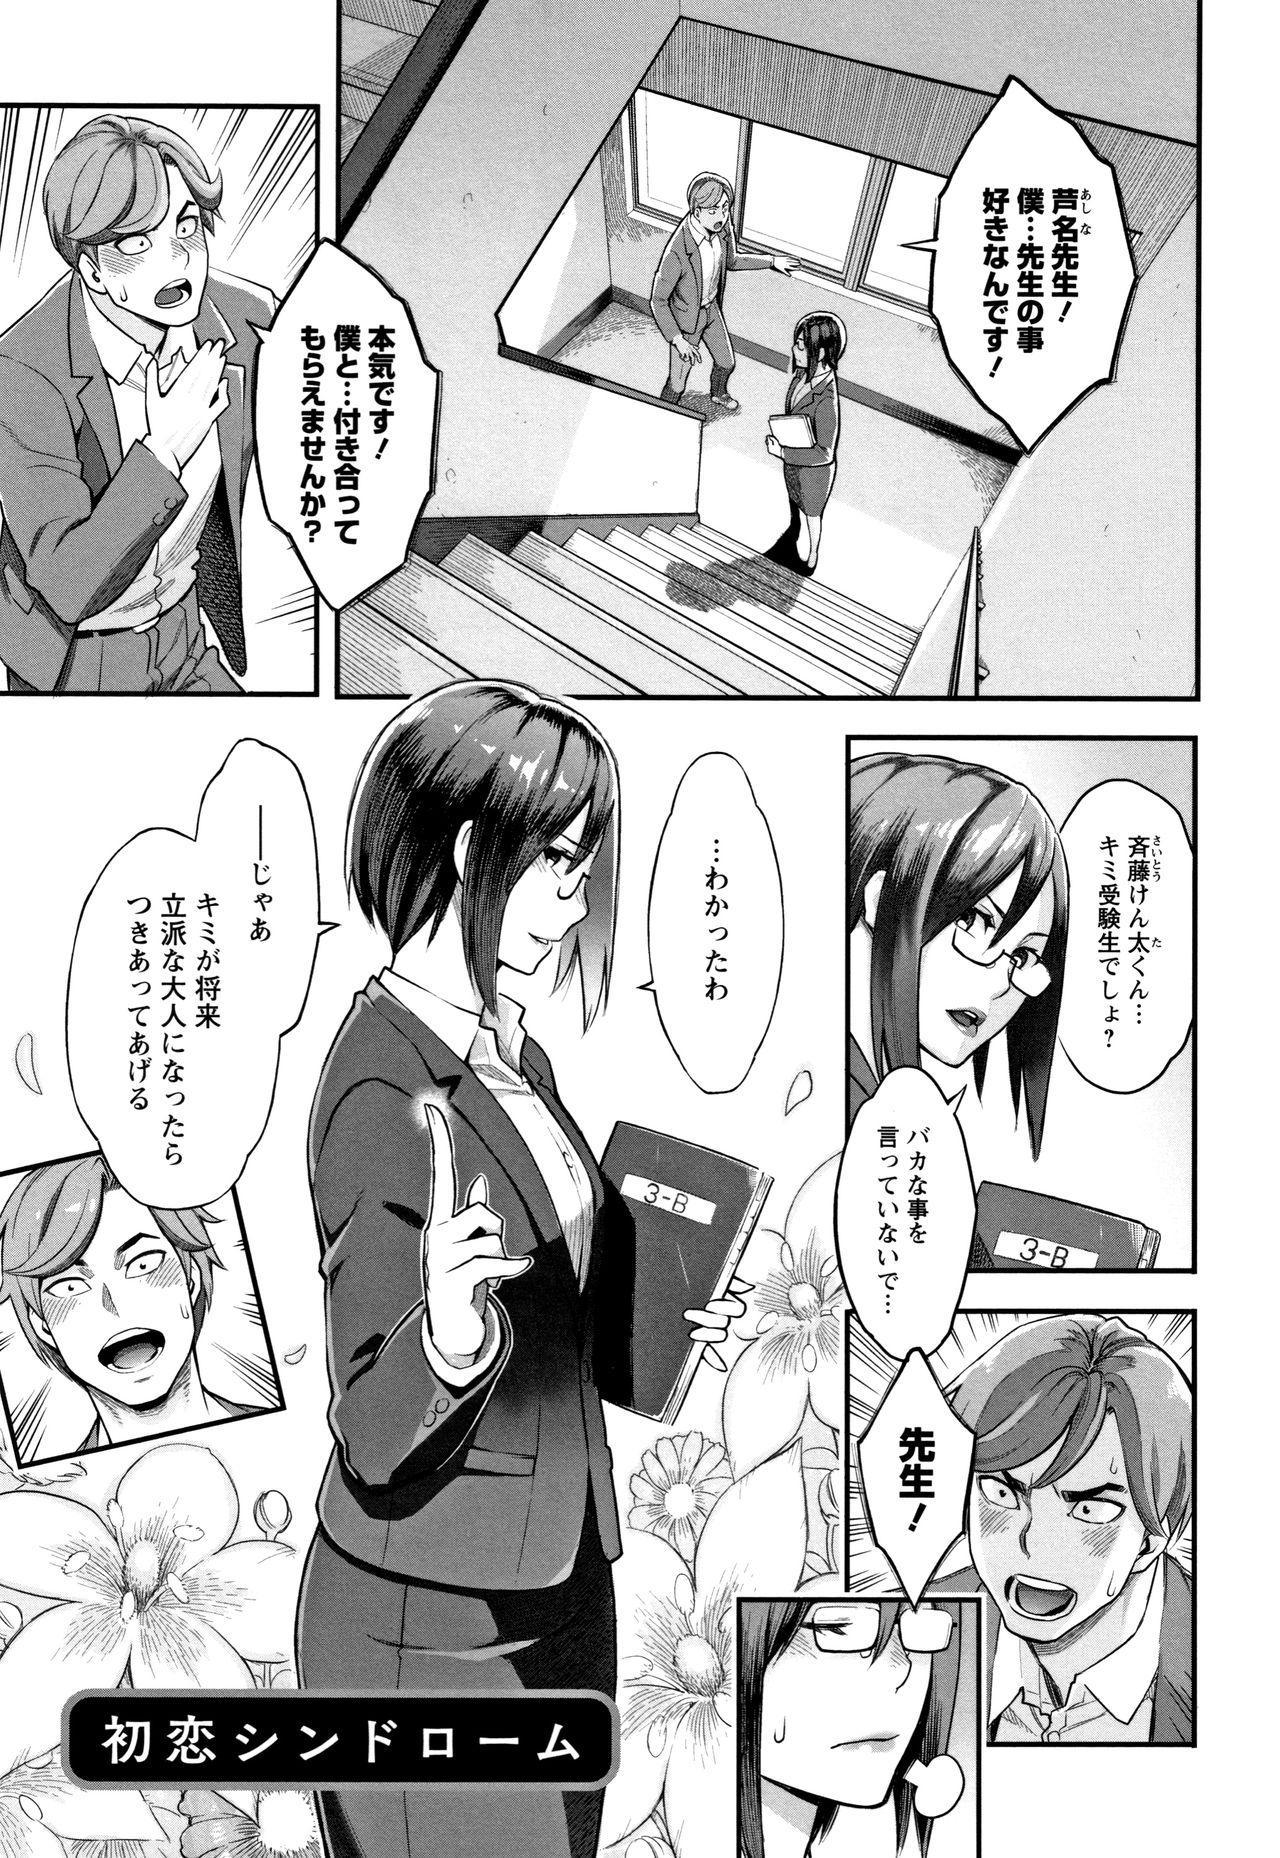 Toketa Risei wa Biyaku no Kaori 119